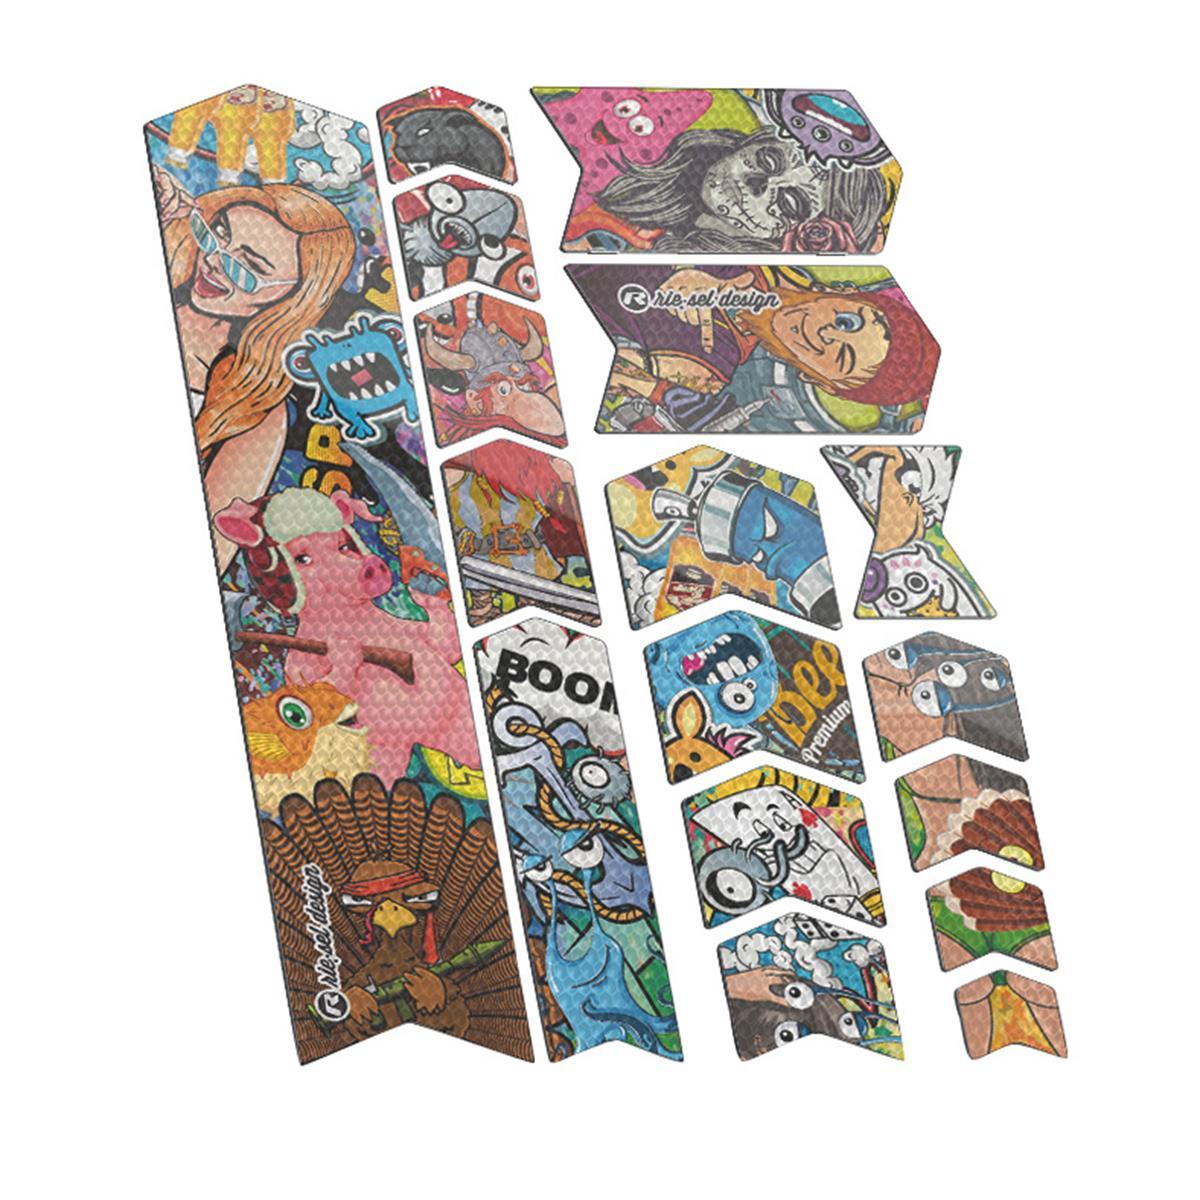 Riesel Design Rahmenschutz-Sticker Tape 3000 Stickerbomb